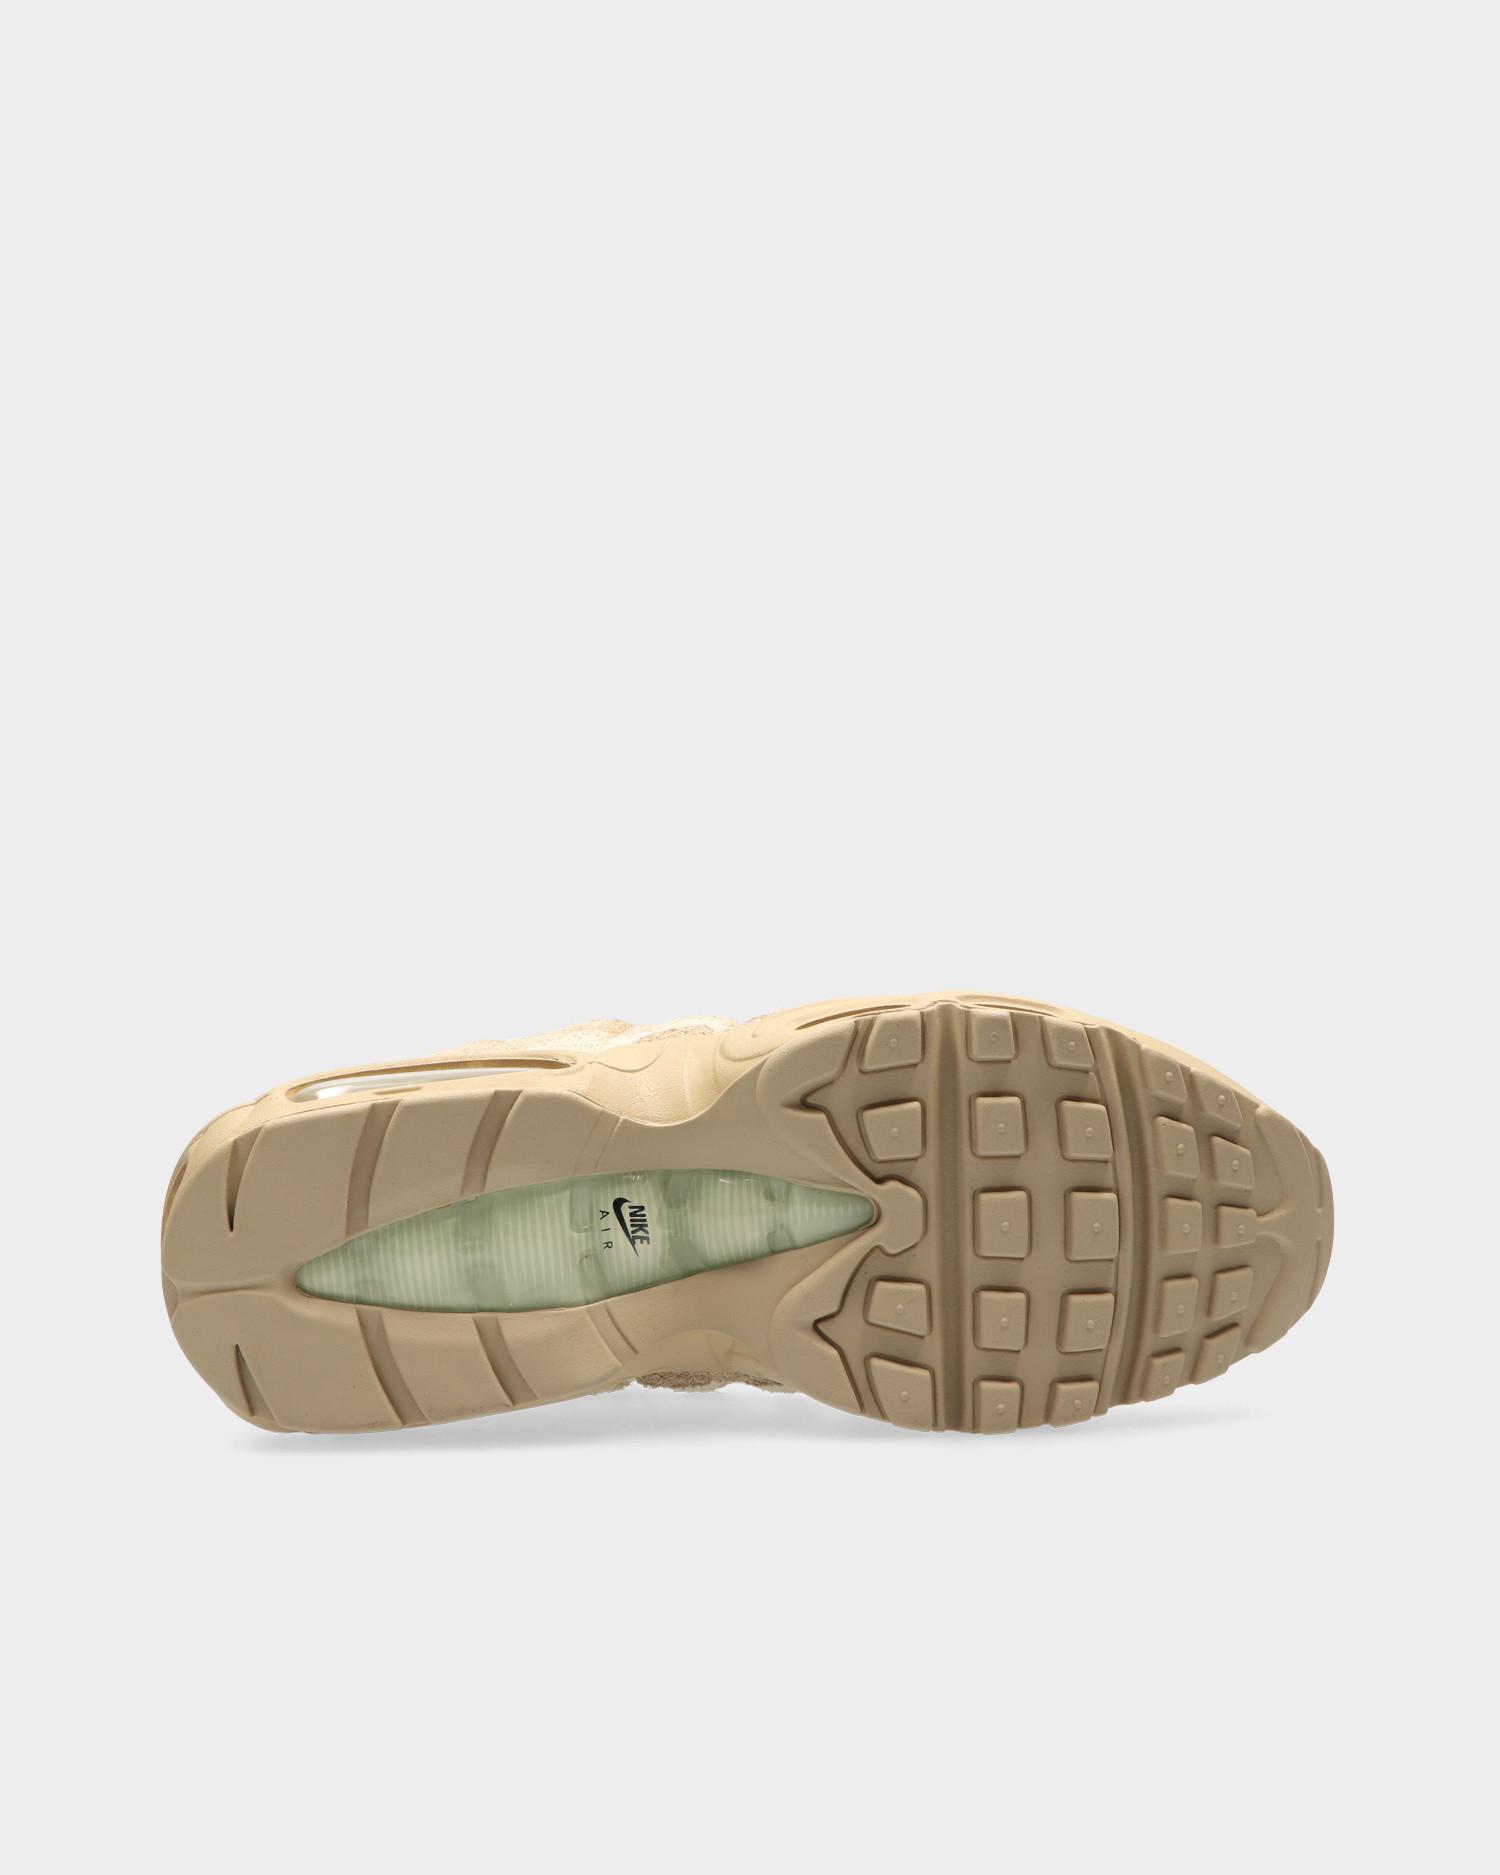 Nike air max 95 prm Grain/black-beach-coconut milk